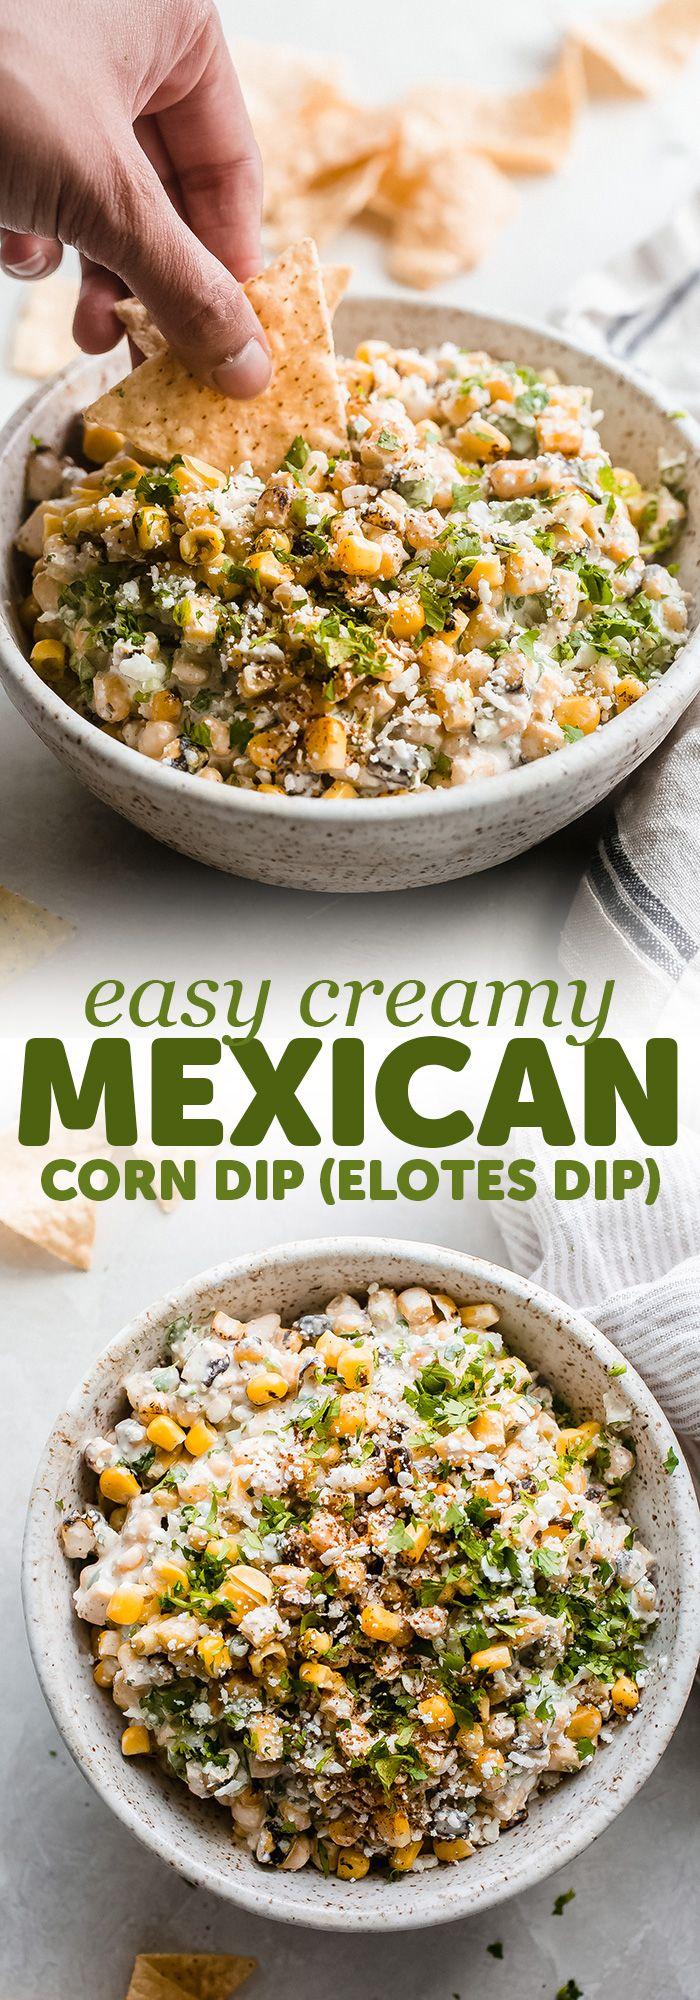 Creamy Mexican Corn Dip (Elotes Dip) #mexicanstreetcorn